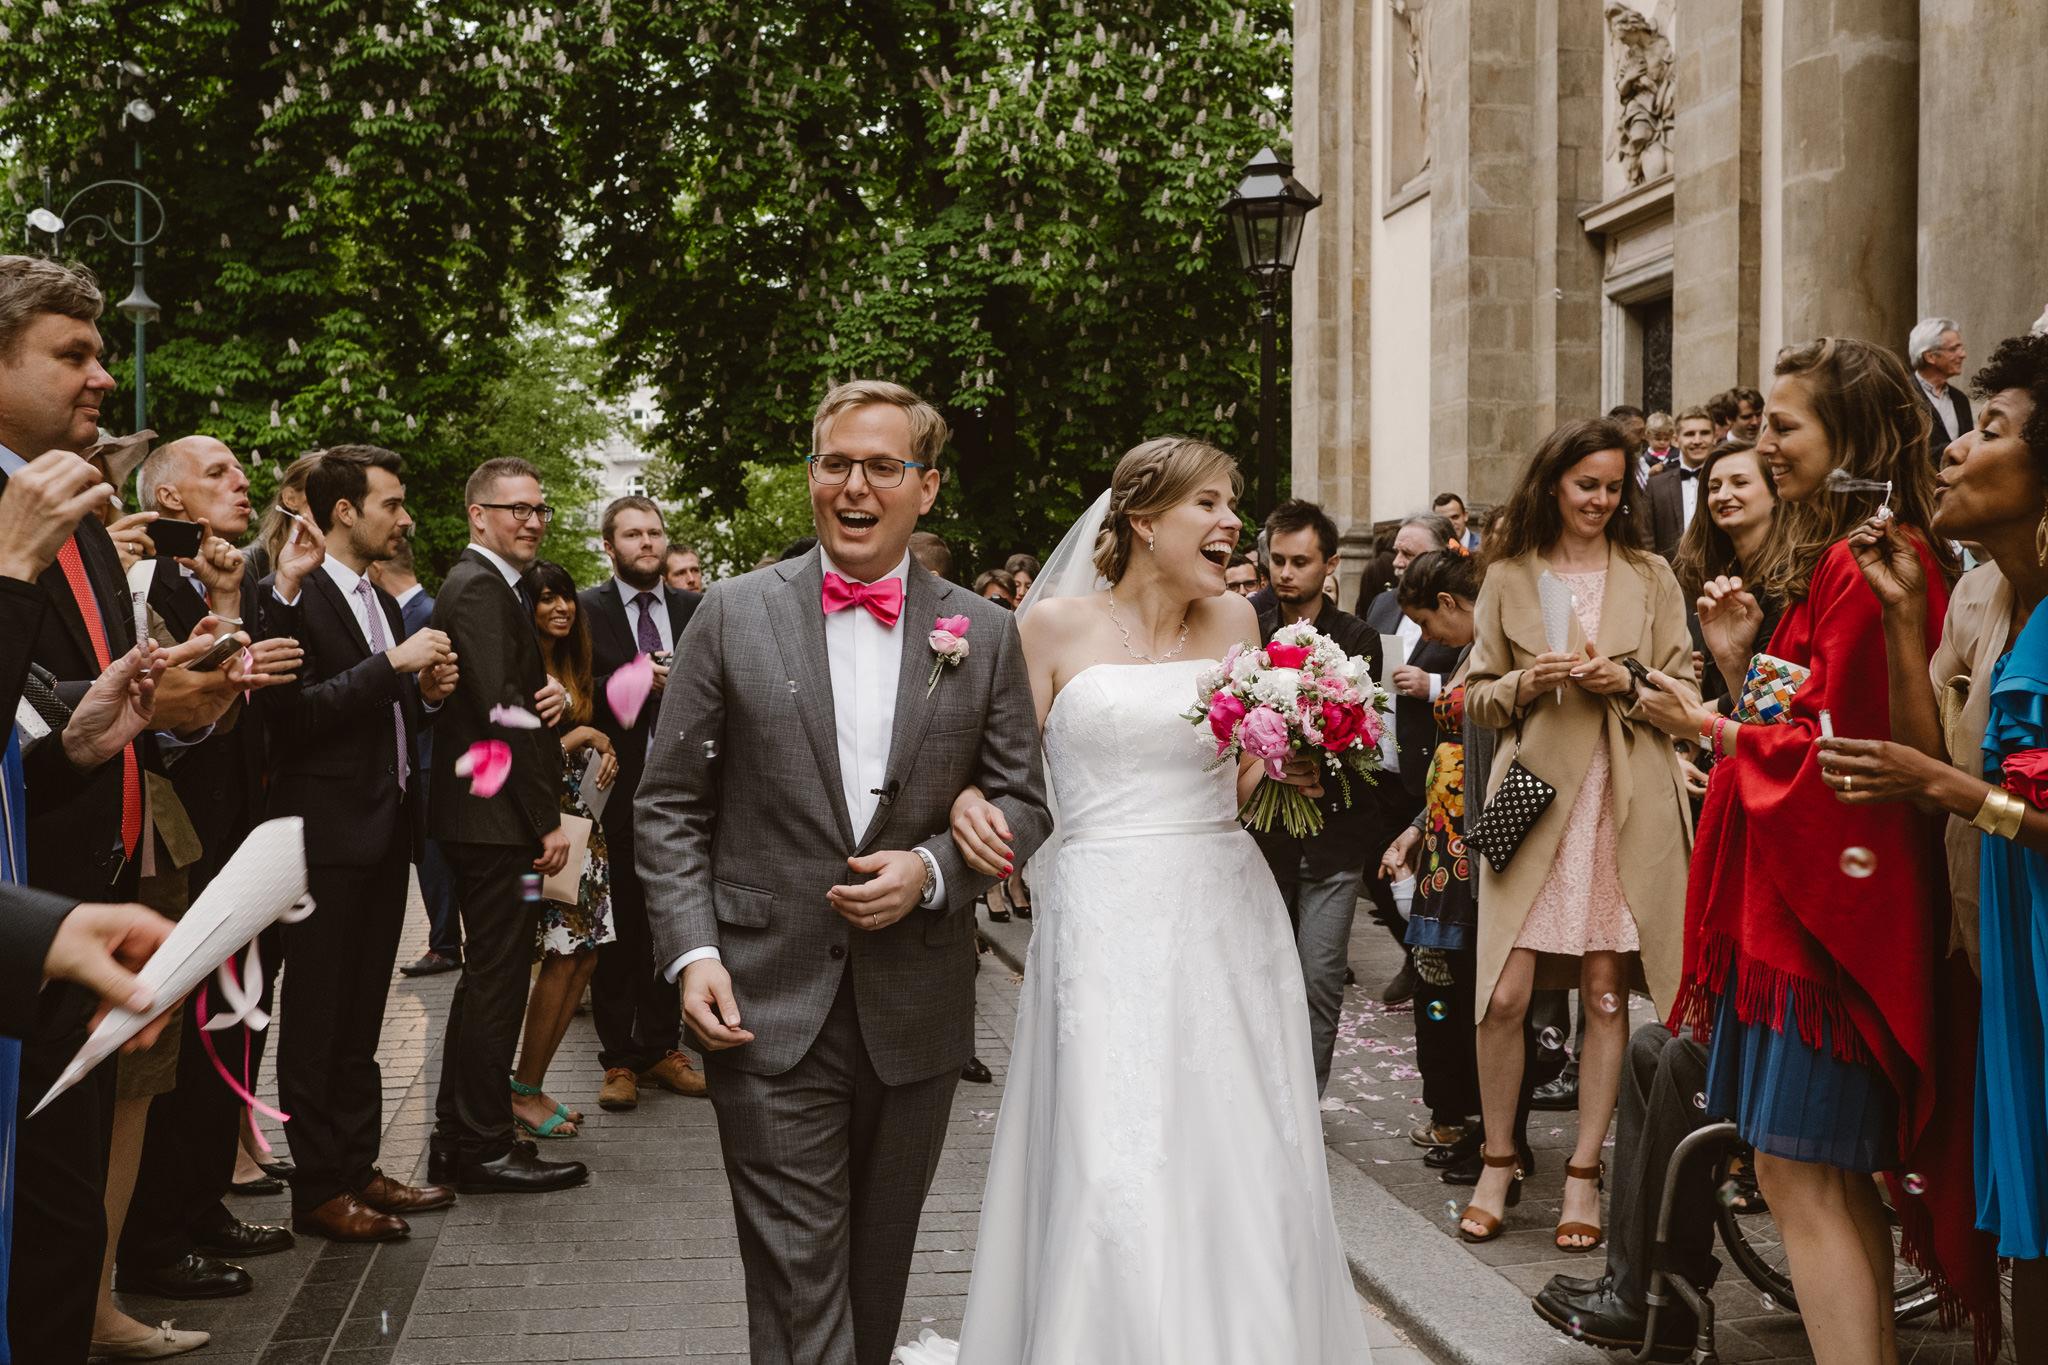 wesele w hotelu starym, rynek w krakowie, fotografia slubna, zdjecia slubne